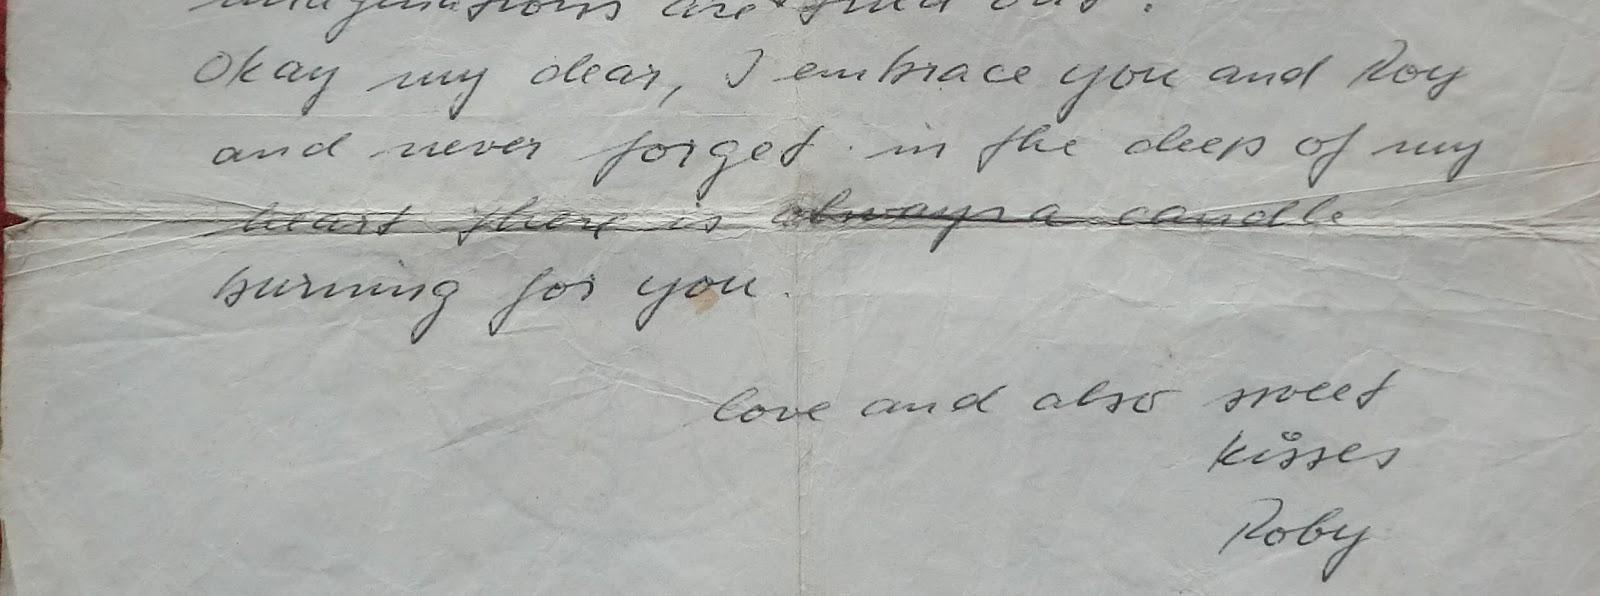 part of handwritten letter by Robert von Rotz key account